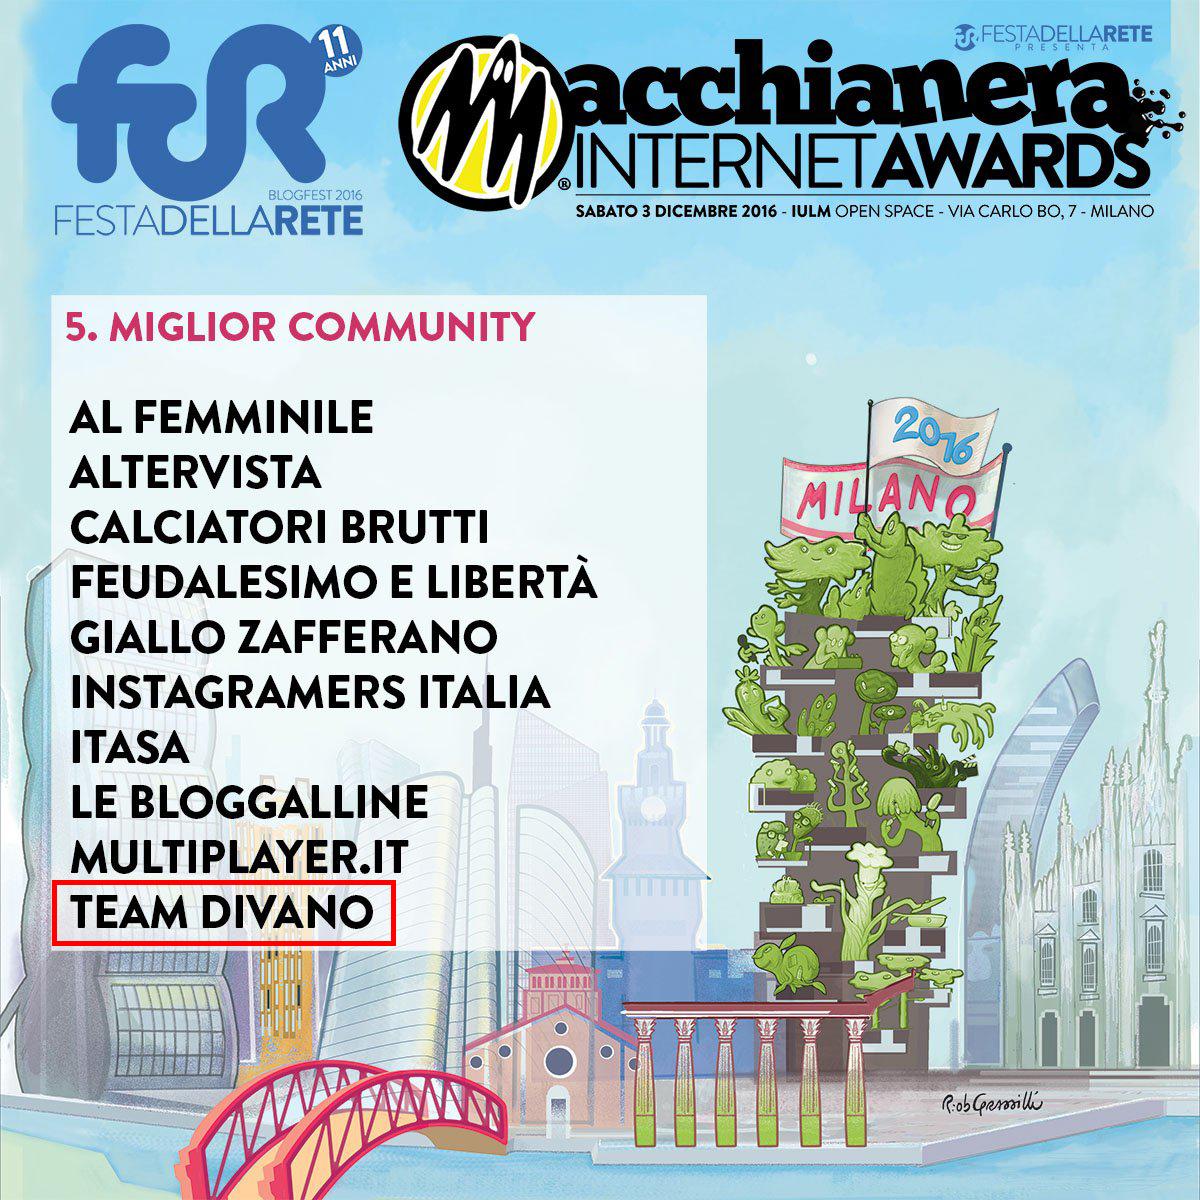 Iris Tinunin, Stylosophique, Miglior Sito Fashion Beauty, #MIA16, Oscar della Rete, Festa della Rete, Macchianera Internet Awards